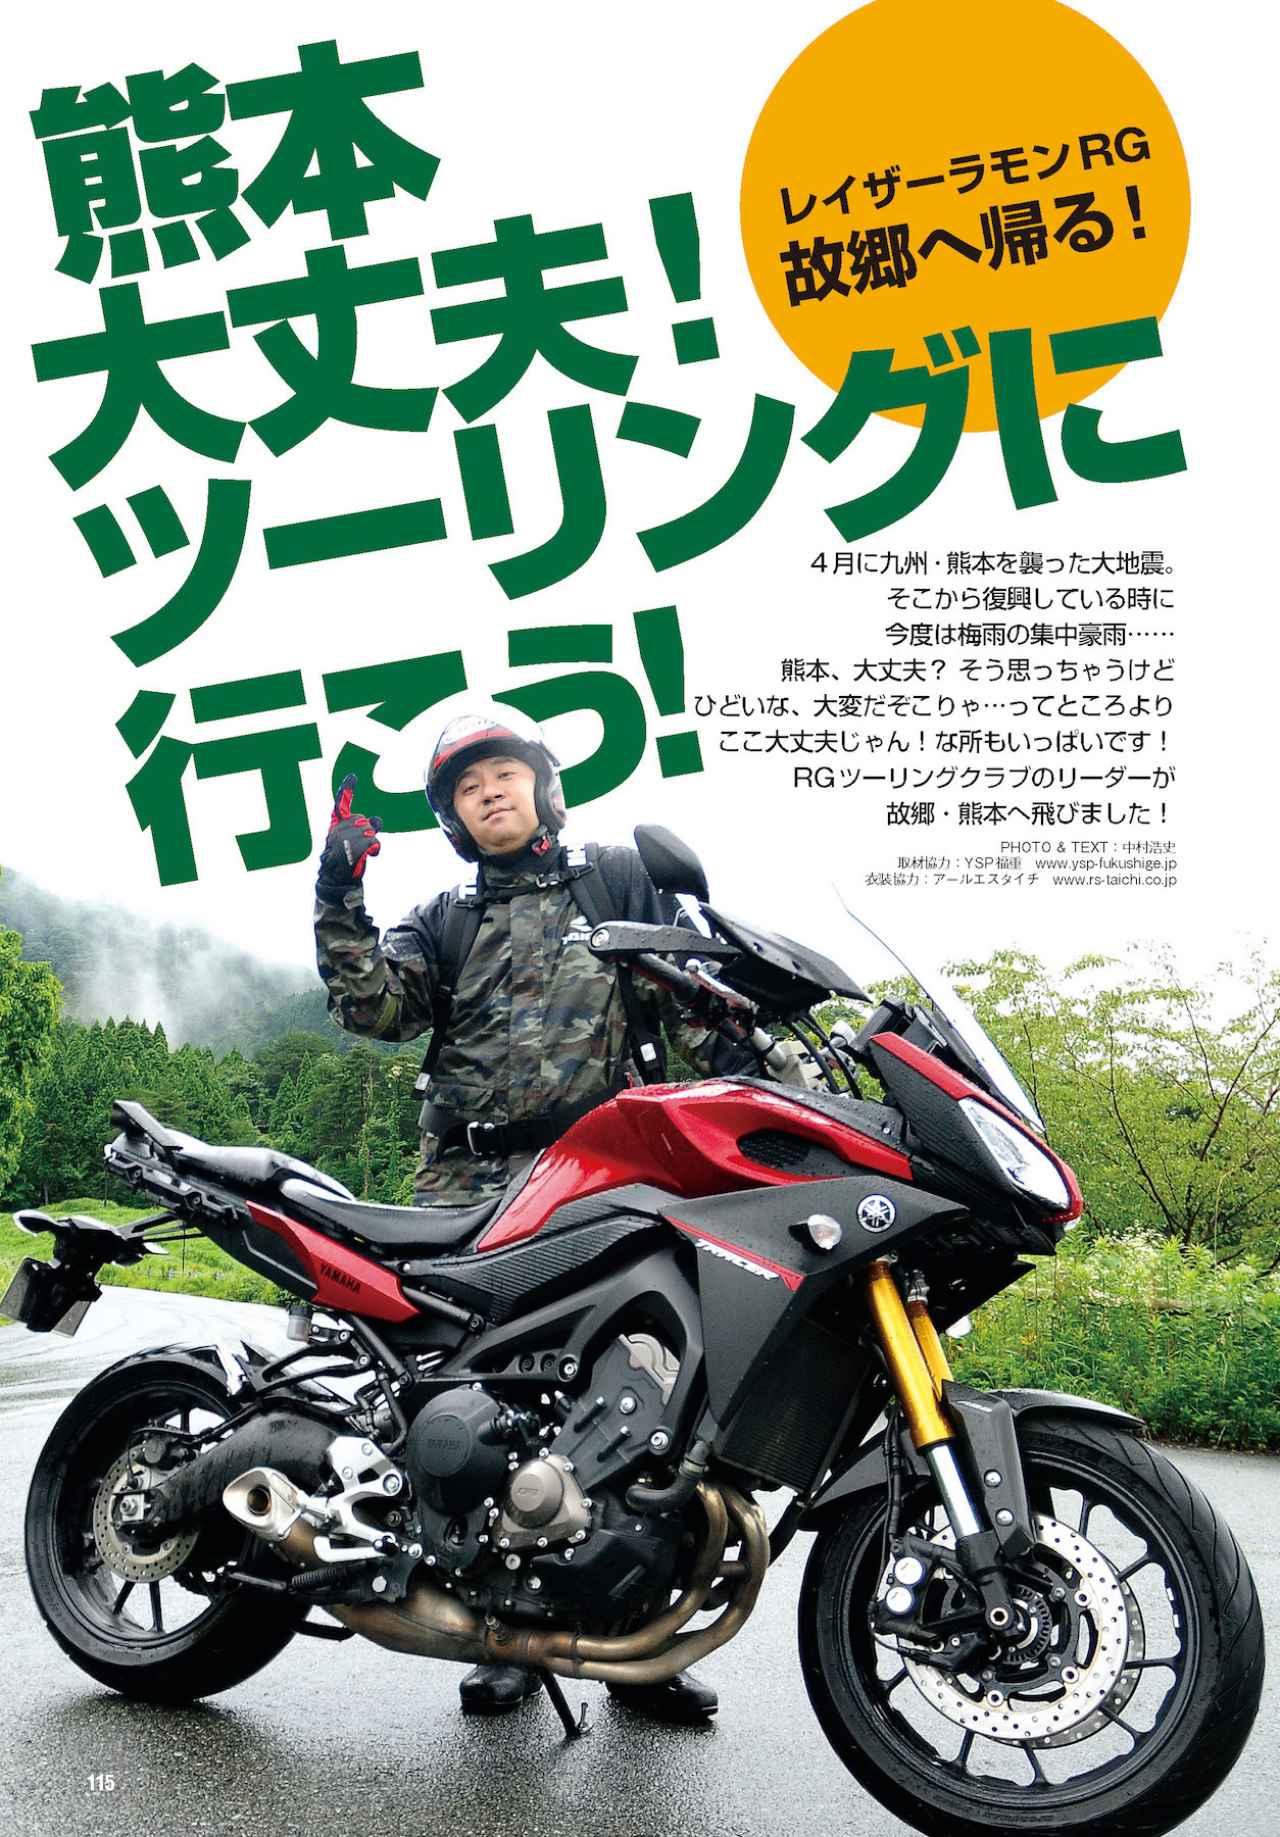 画像: レンタルバイクで熊本ツーリング、あいにくの天候だったようですが…お笑い芸人のレイザーラモンRGさんが走ります! 次回は日程も公開して走るそうですが…。